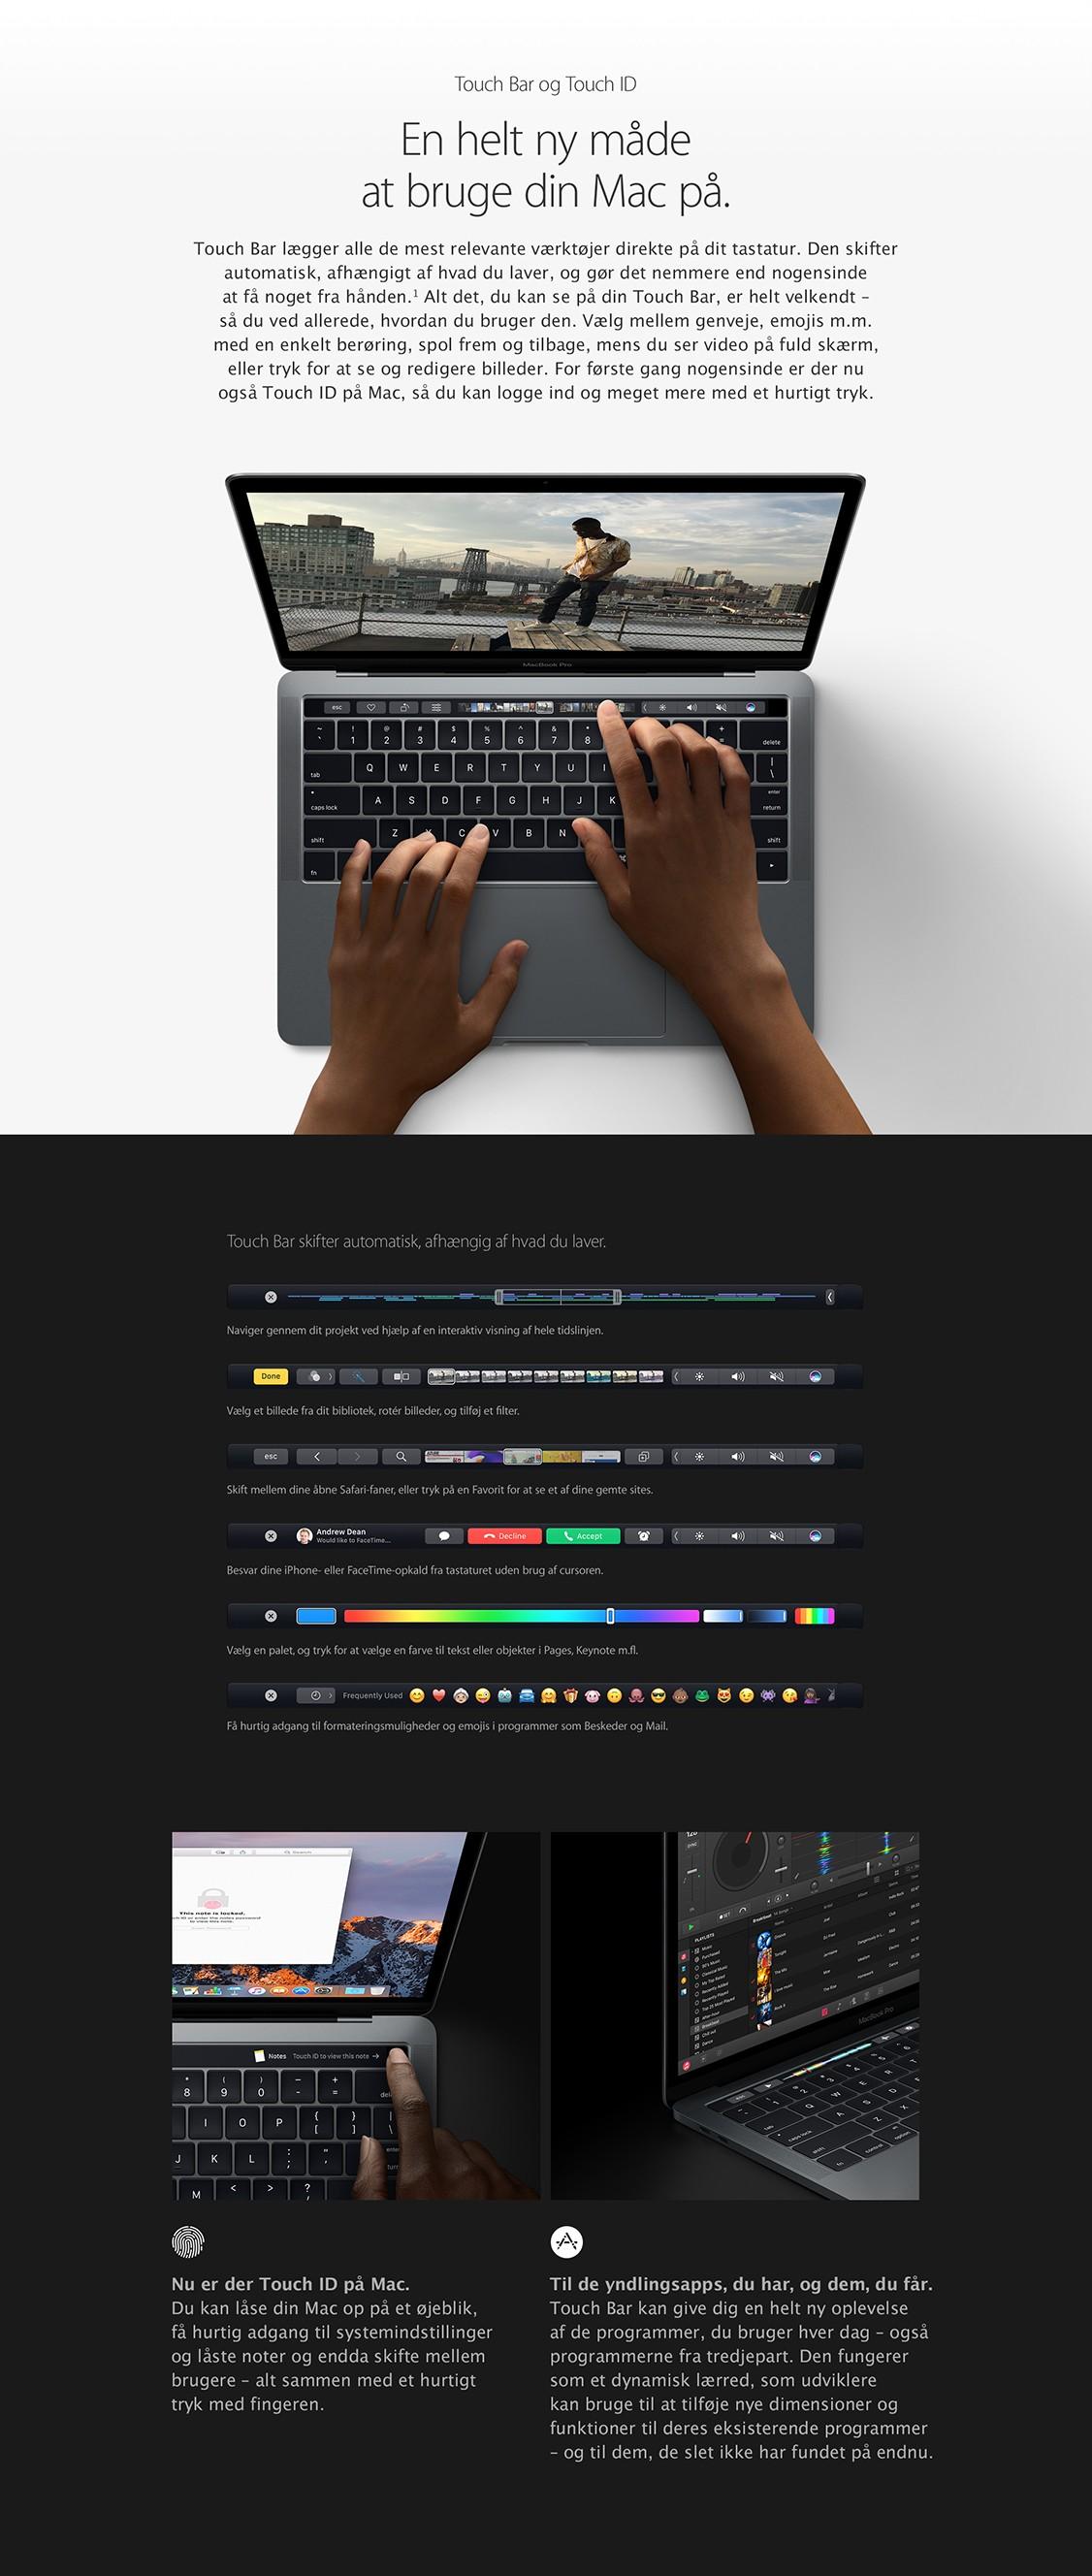 En helt ny måde at bruge din Mac på